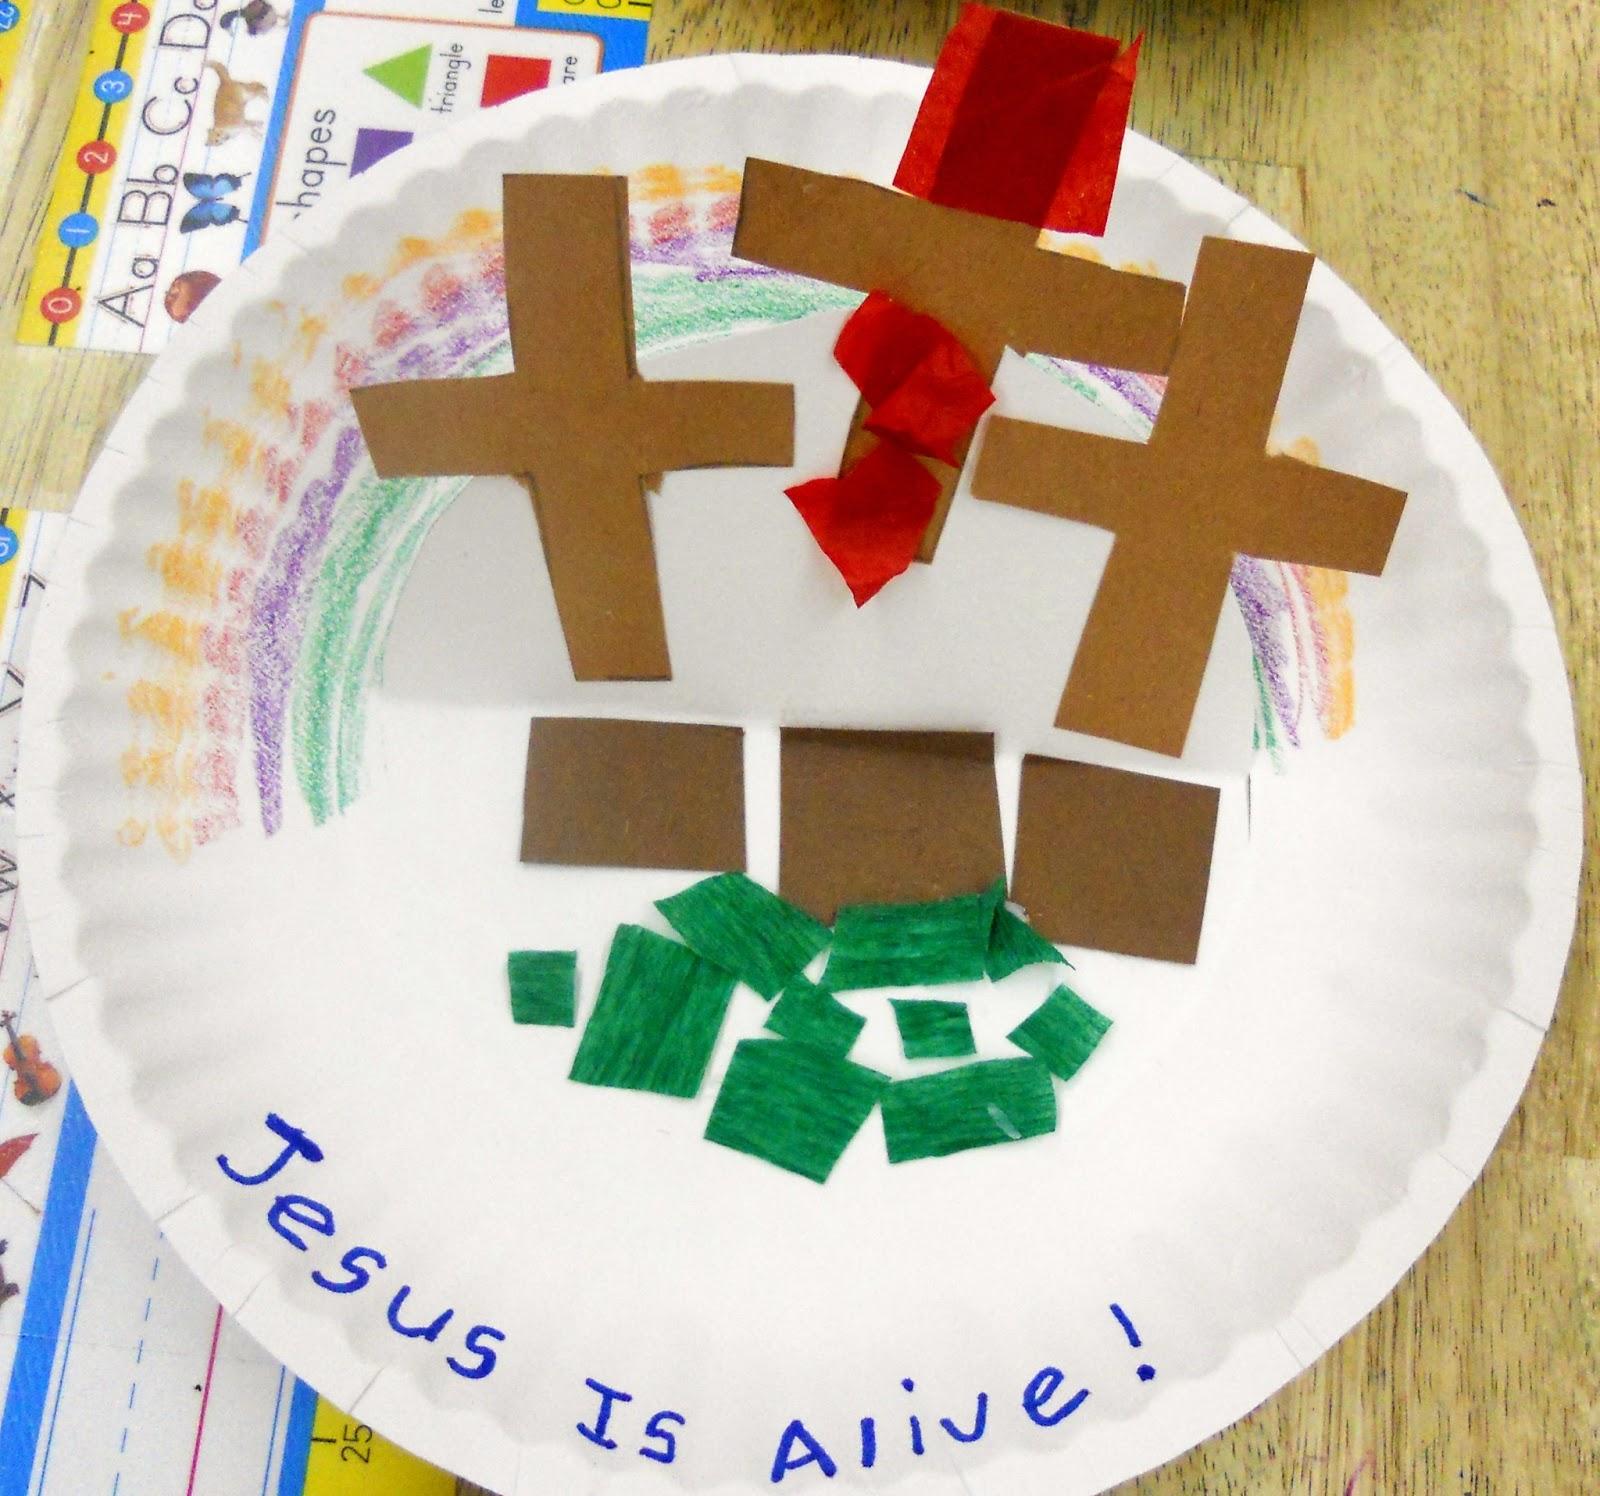 Princesses Pies Amp Preschool Pizzazz 4 Easter Crafts For Preschoolers